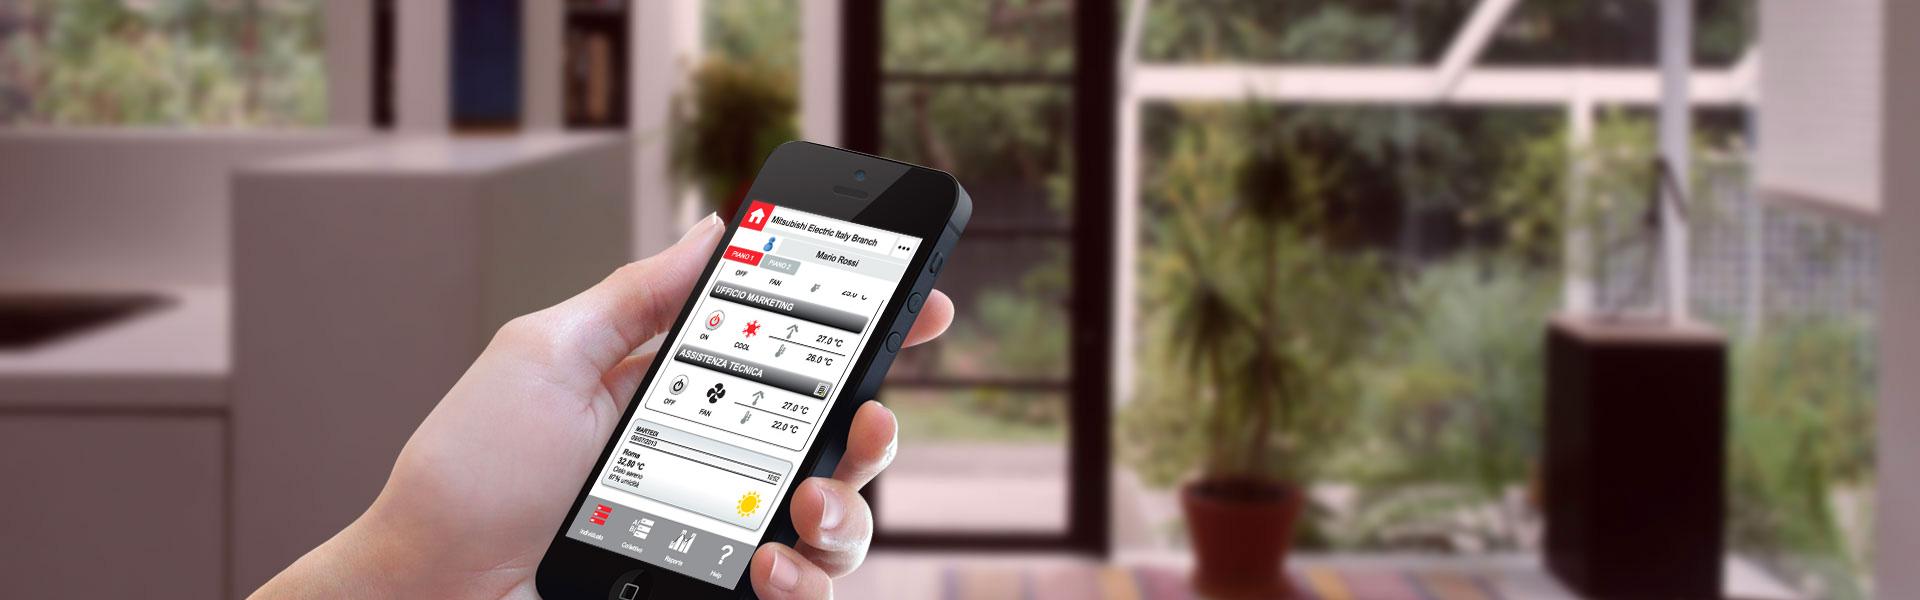 Conectați-vă prin smartphone sau tabletă de oriunde vă aflaţi!